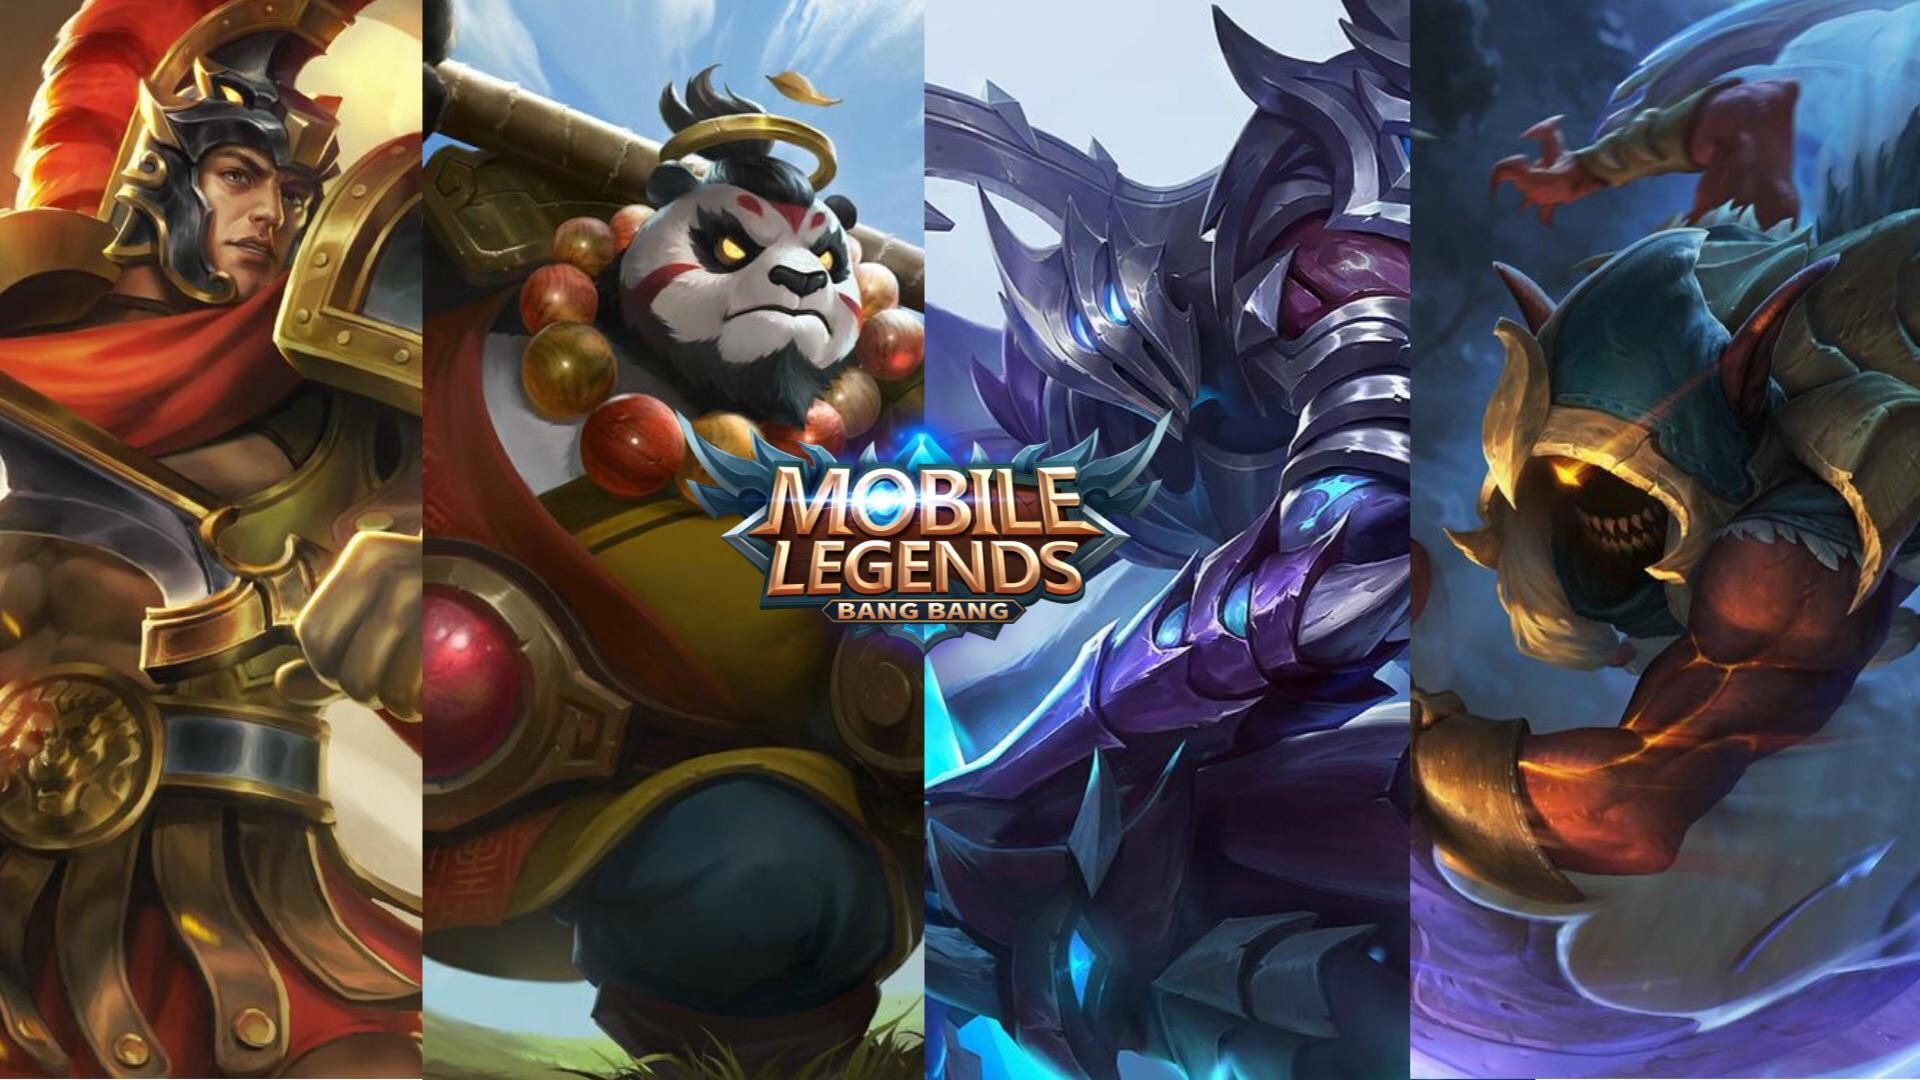 4800 Koleksi Gambar Mobile Legends Full Hd Gratis Terbaru